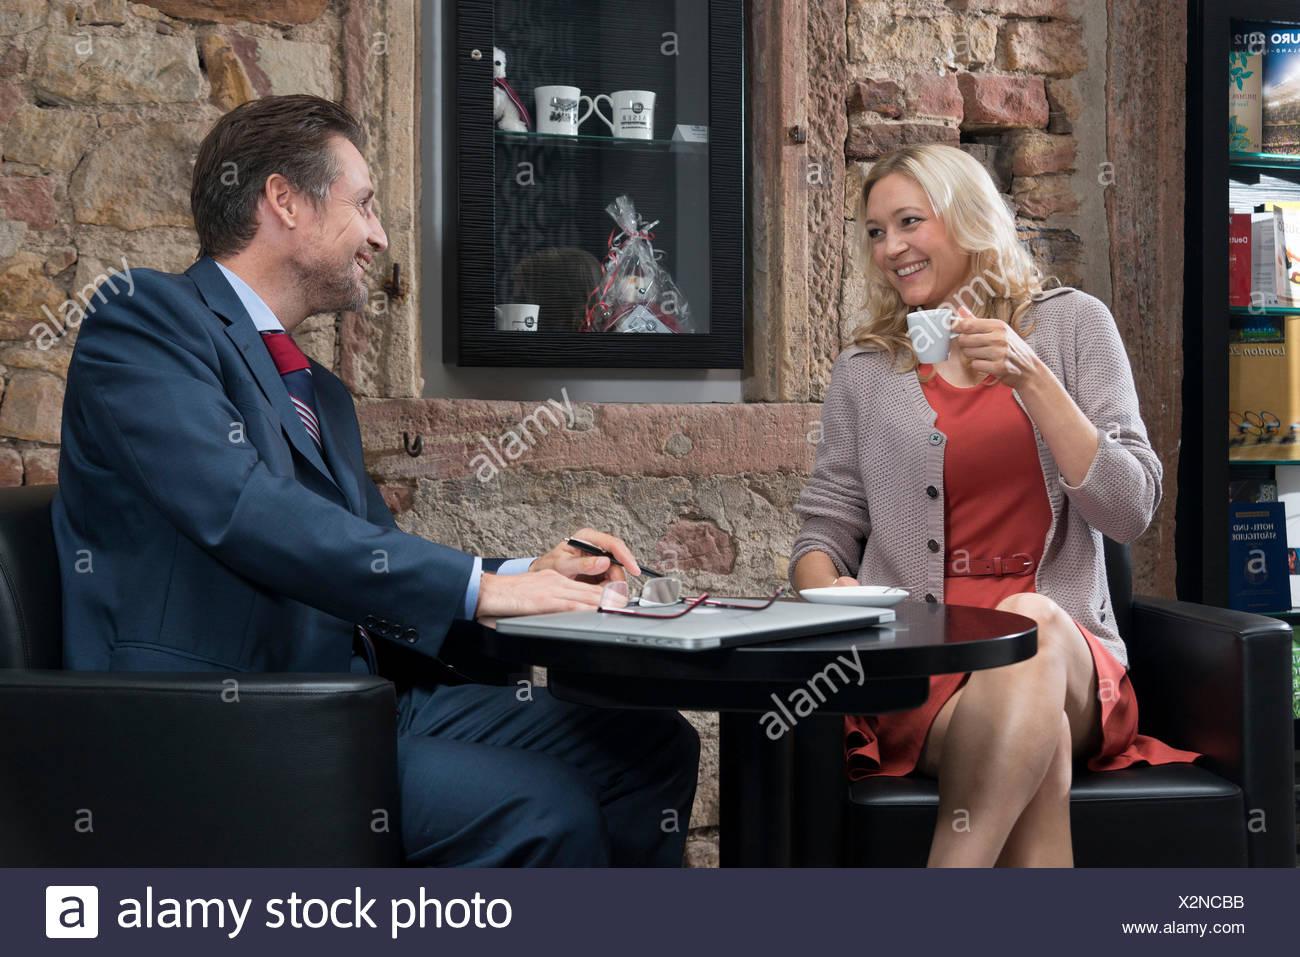 L uomo e la donna al tavolo nella lobby dell'albergo, bere un espresso, Sorriso, contatto visivo, flirt Immagini Stock